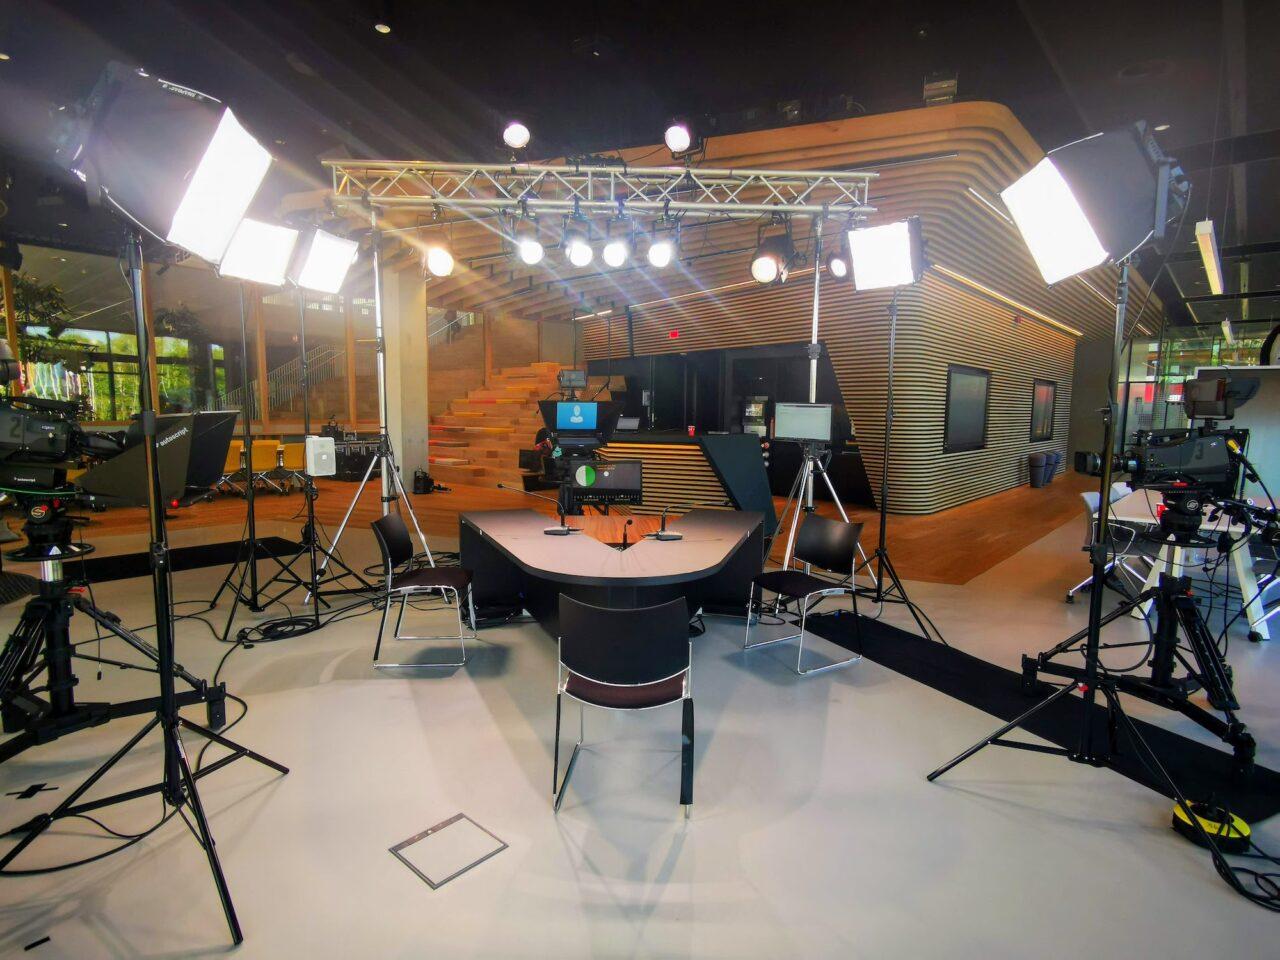 Behind the scenes at Erasmus TV